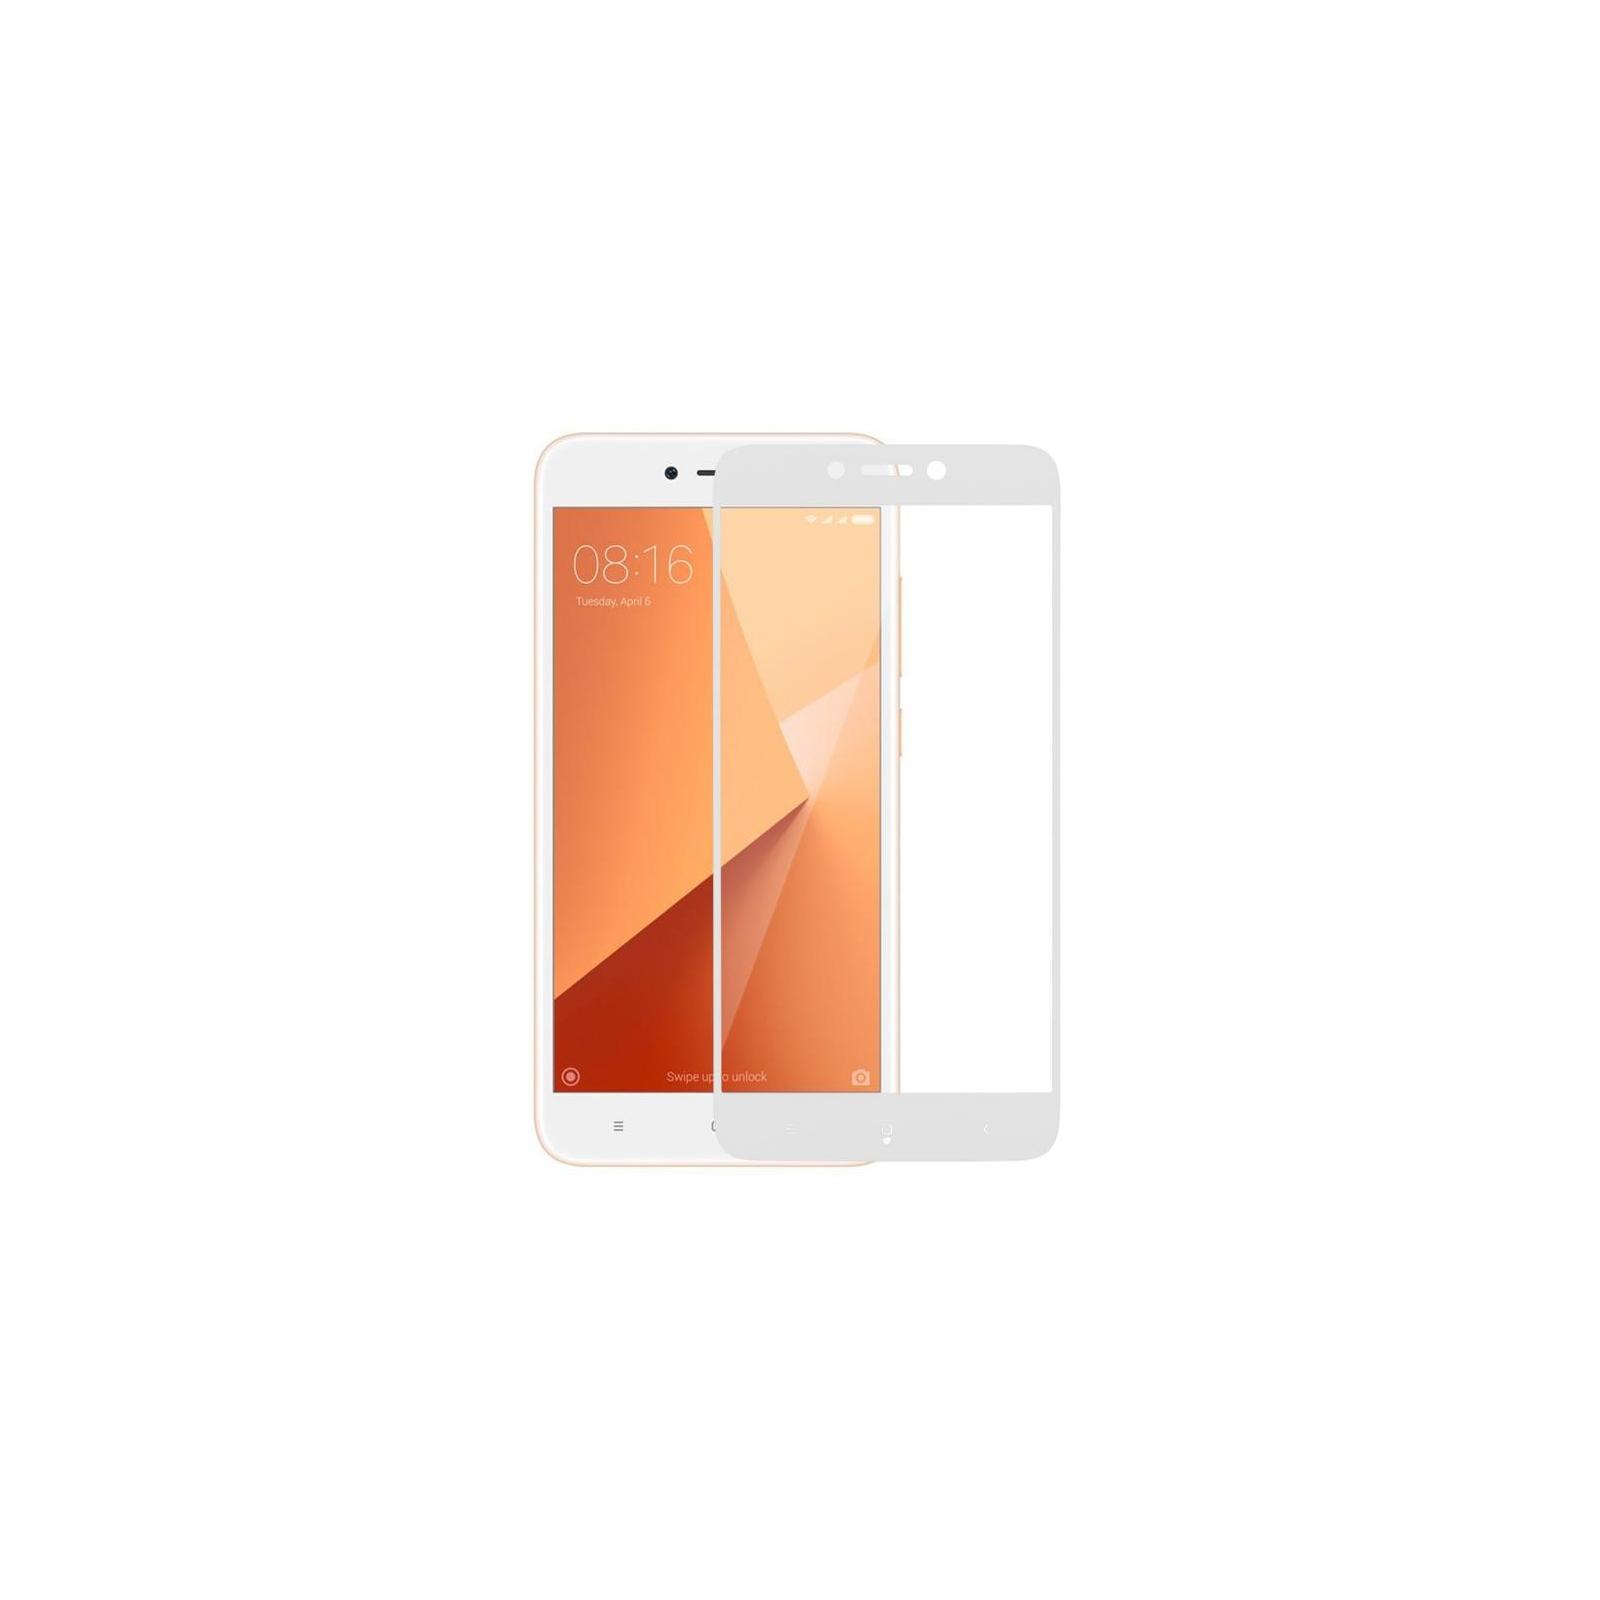 Стекло защитное MakeFuture для Xiaomi Redmi 5A White Full Cover Full Glue (MGFCFG-XR5AW) изображение 4